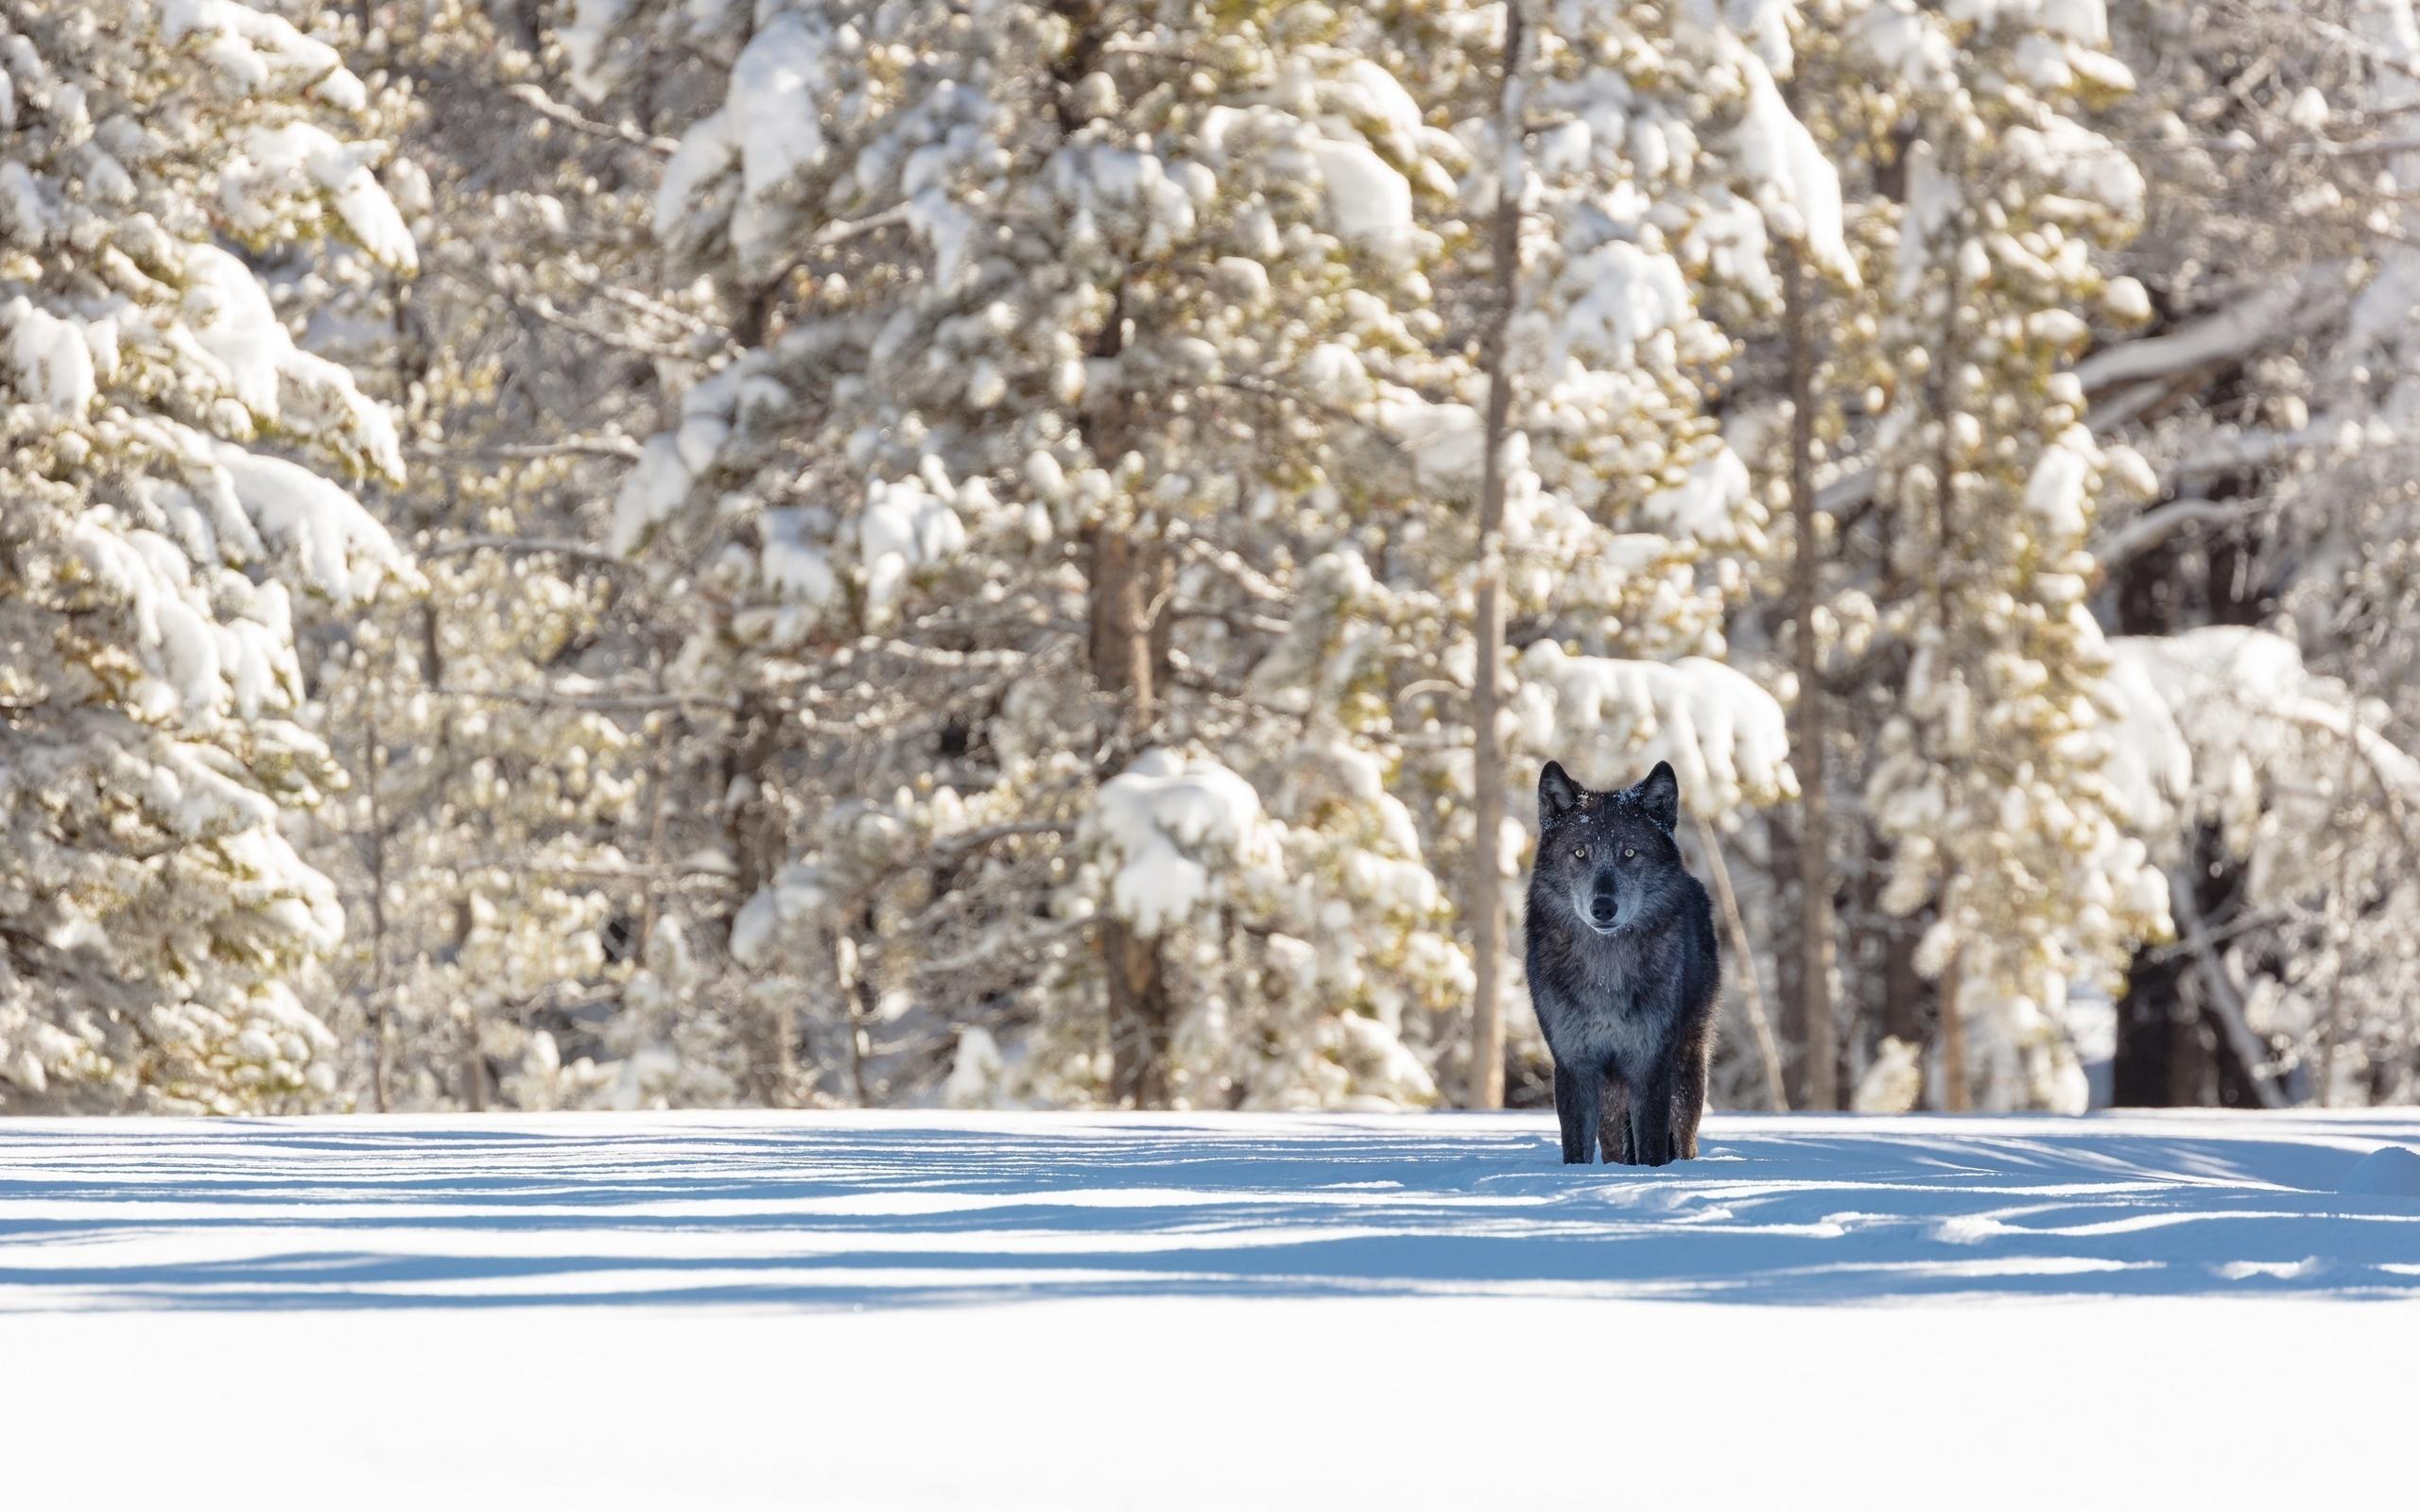 состояние, картинка лес волк снег глупая медленная